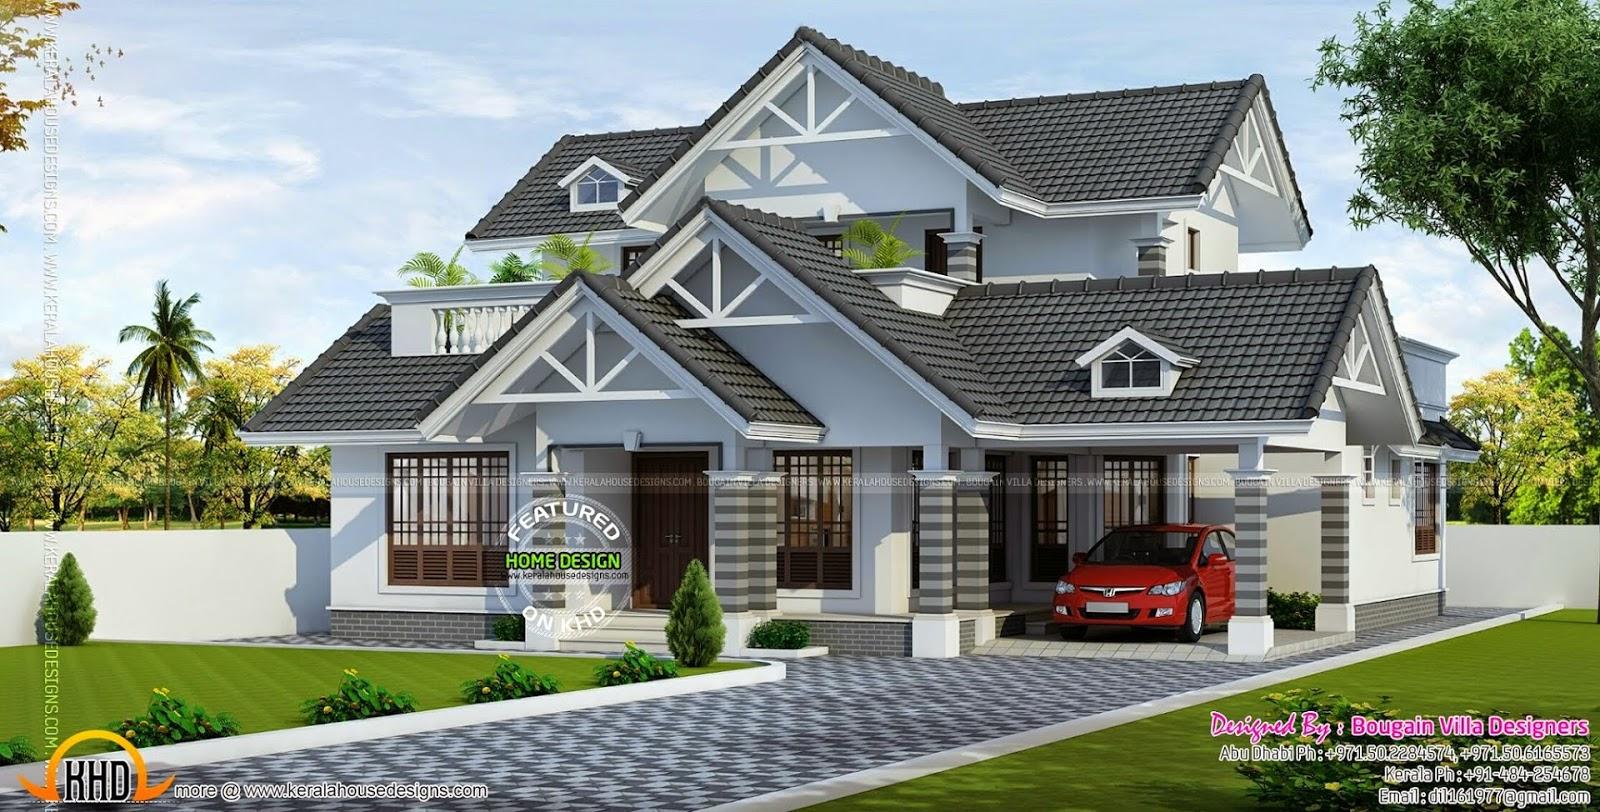 50 model atap rumah minimalis yang cantik nan menawan for Exterior house designs in india low budget